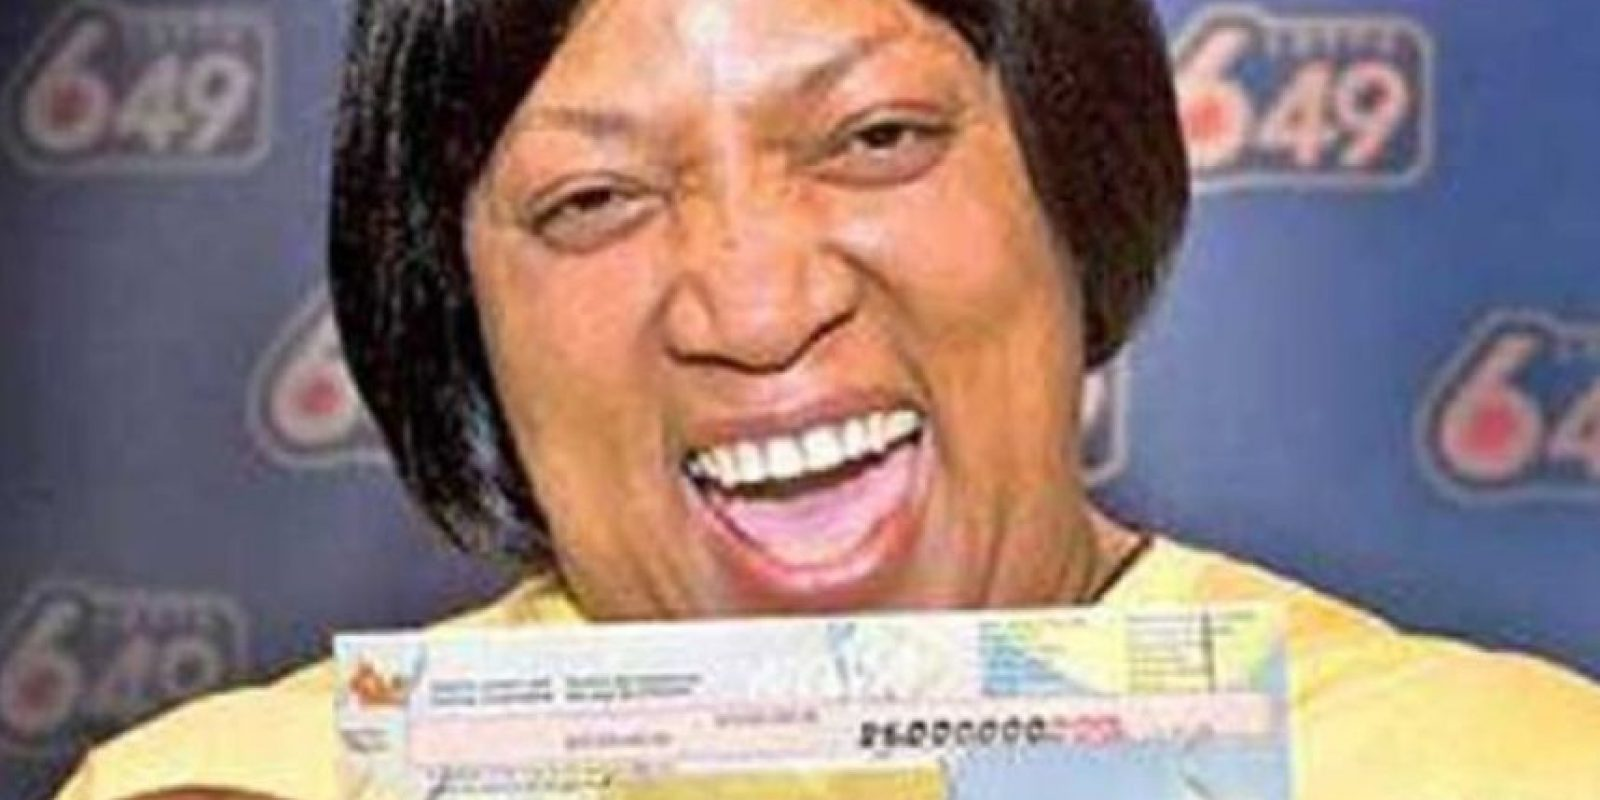 Evelyn Adams ganó casi 6 millones de dólares con los que decidió viajar a Atlantic City y perderlo en apuestas. Foto:Difundir.org. Imagen Por: